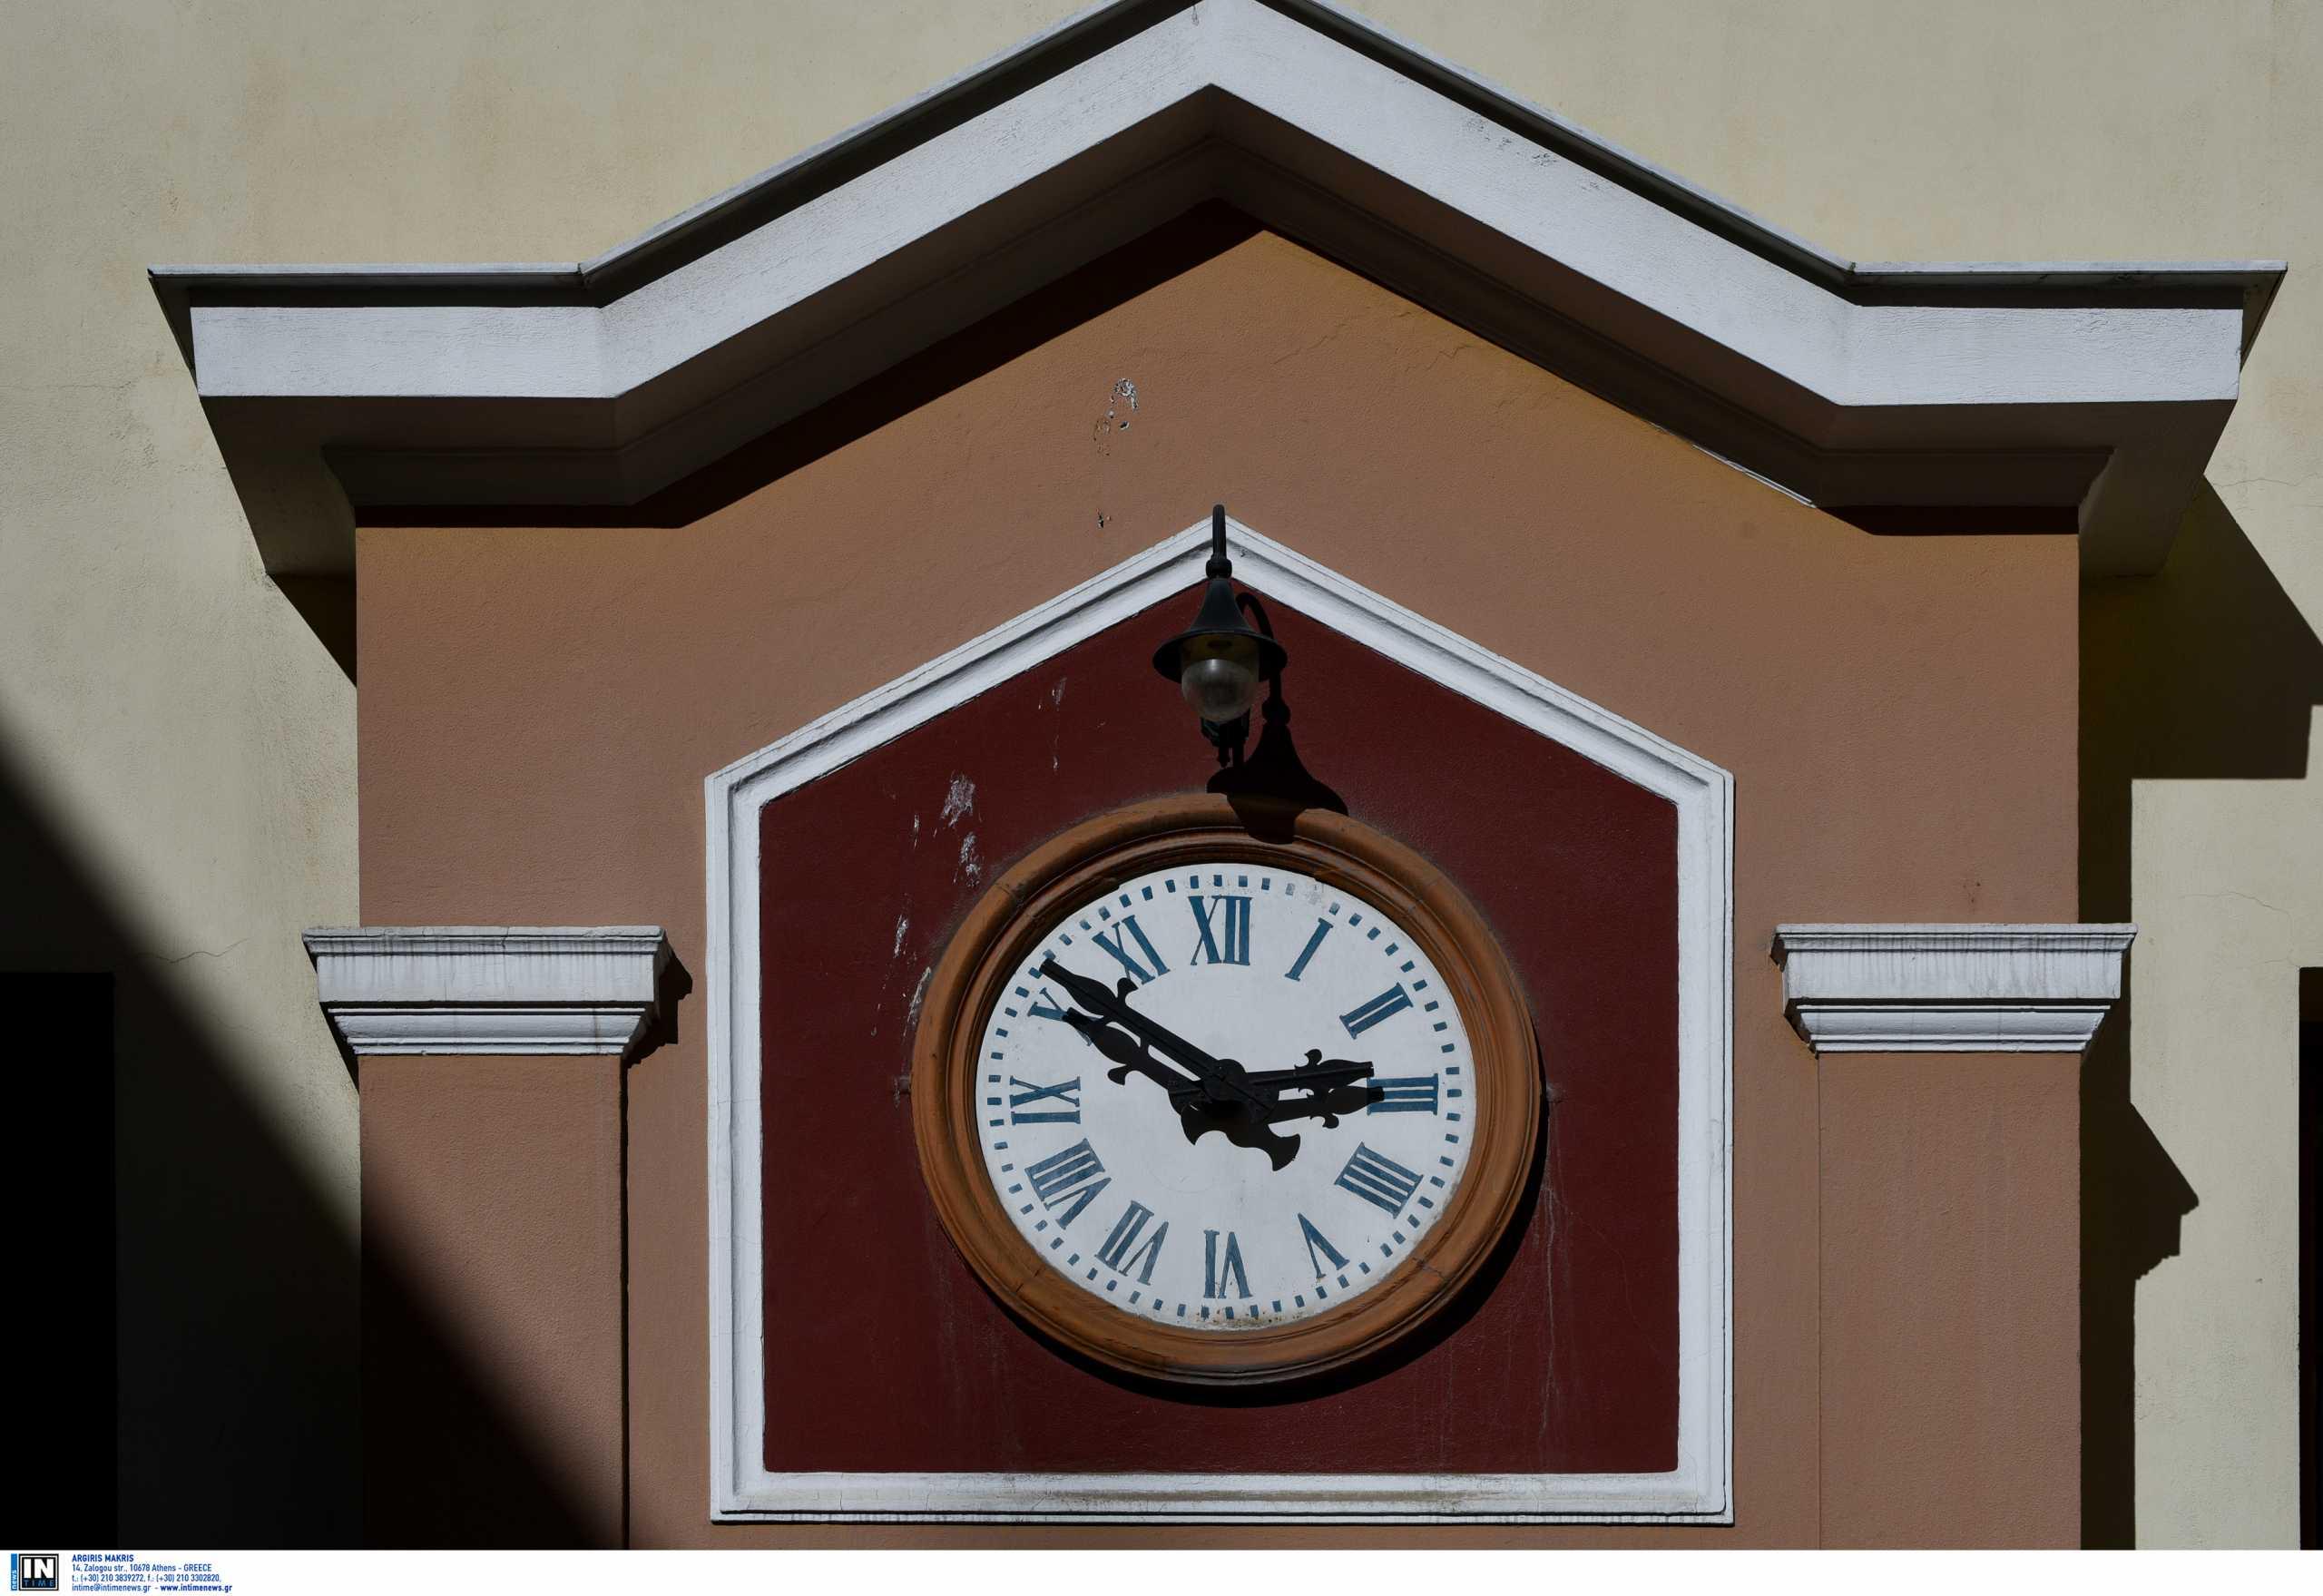 Πότε αλλάζει η ώρα: Πότε γυρίζουμε τα ρολόγια μία ώρα μπροστά